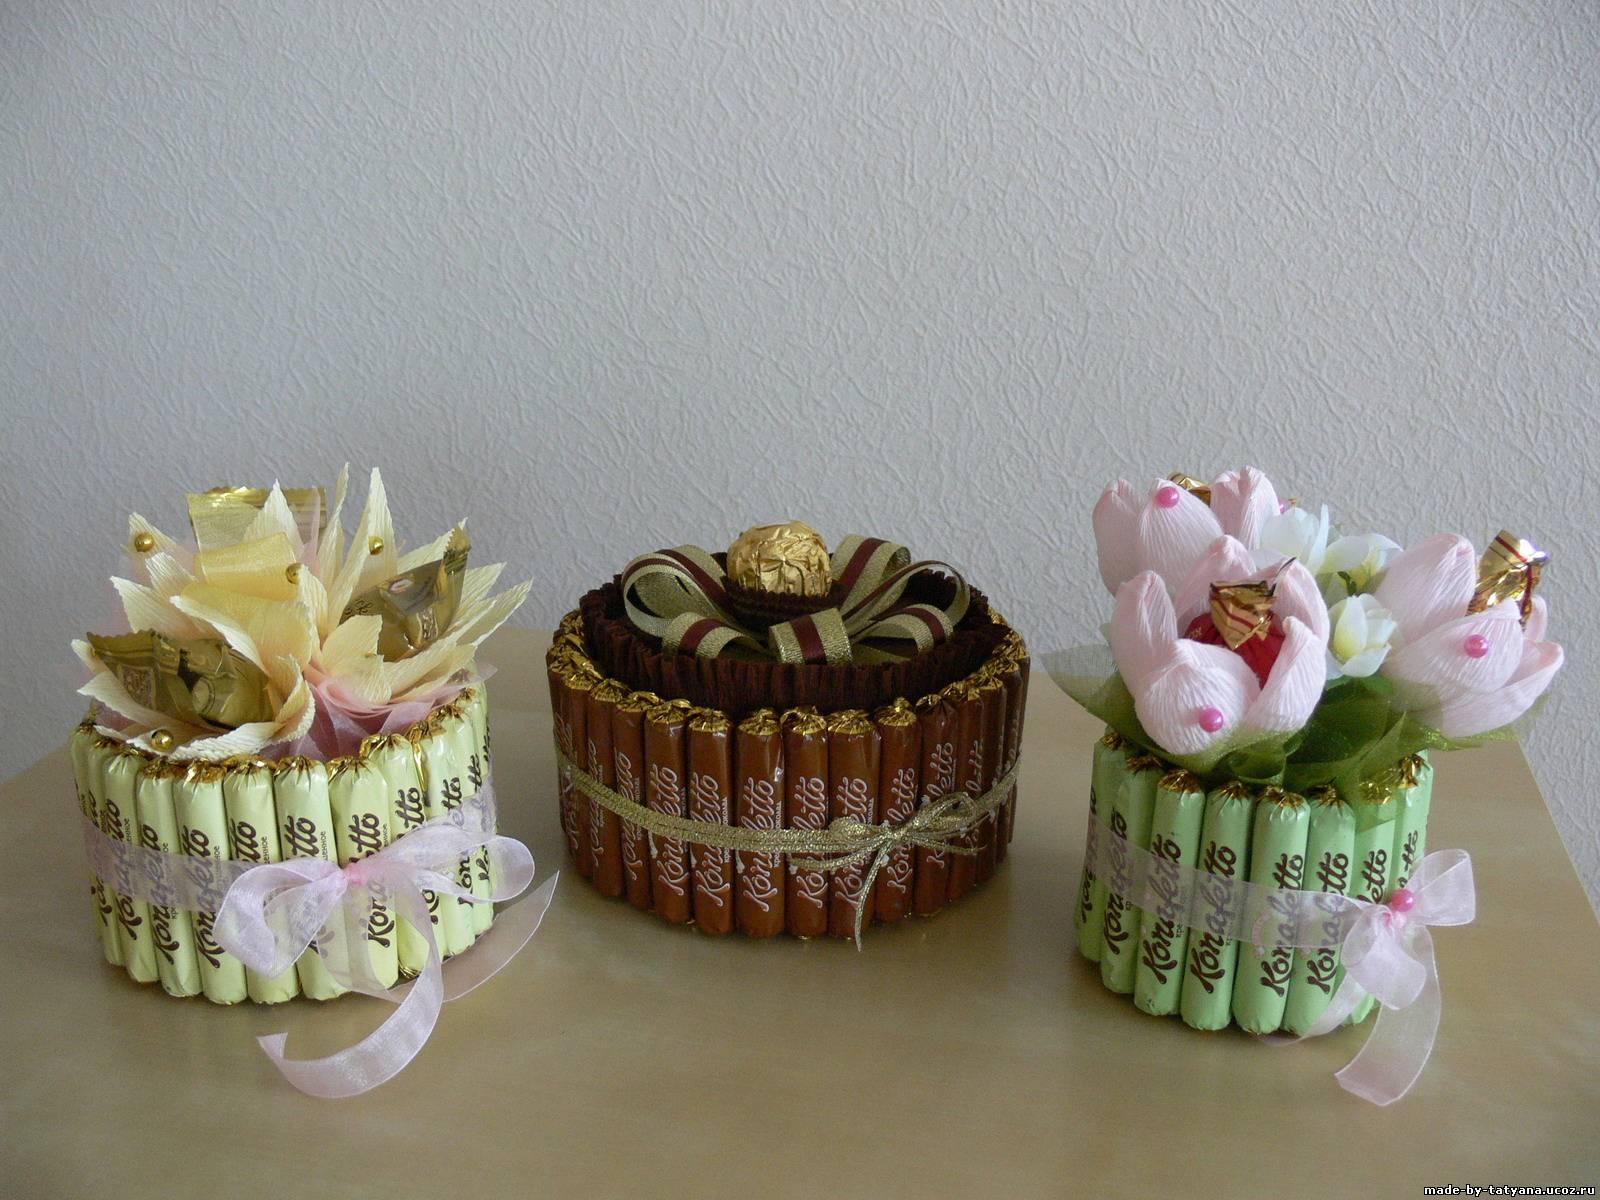 Пироженка из конфет своими руками